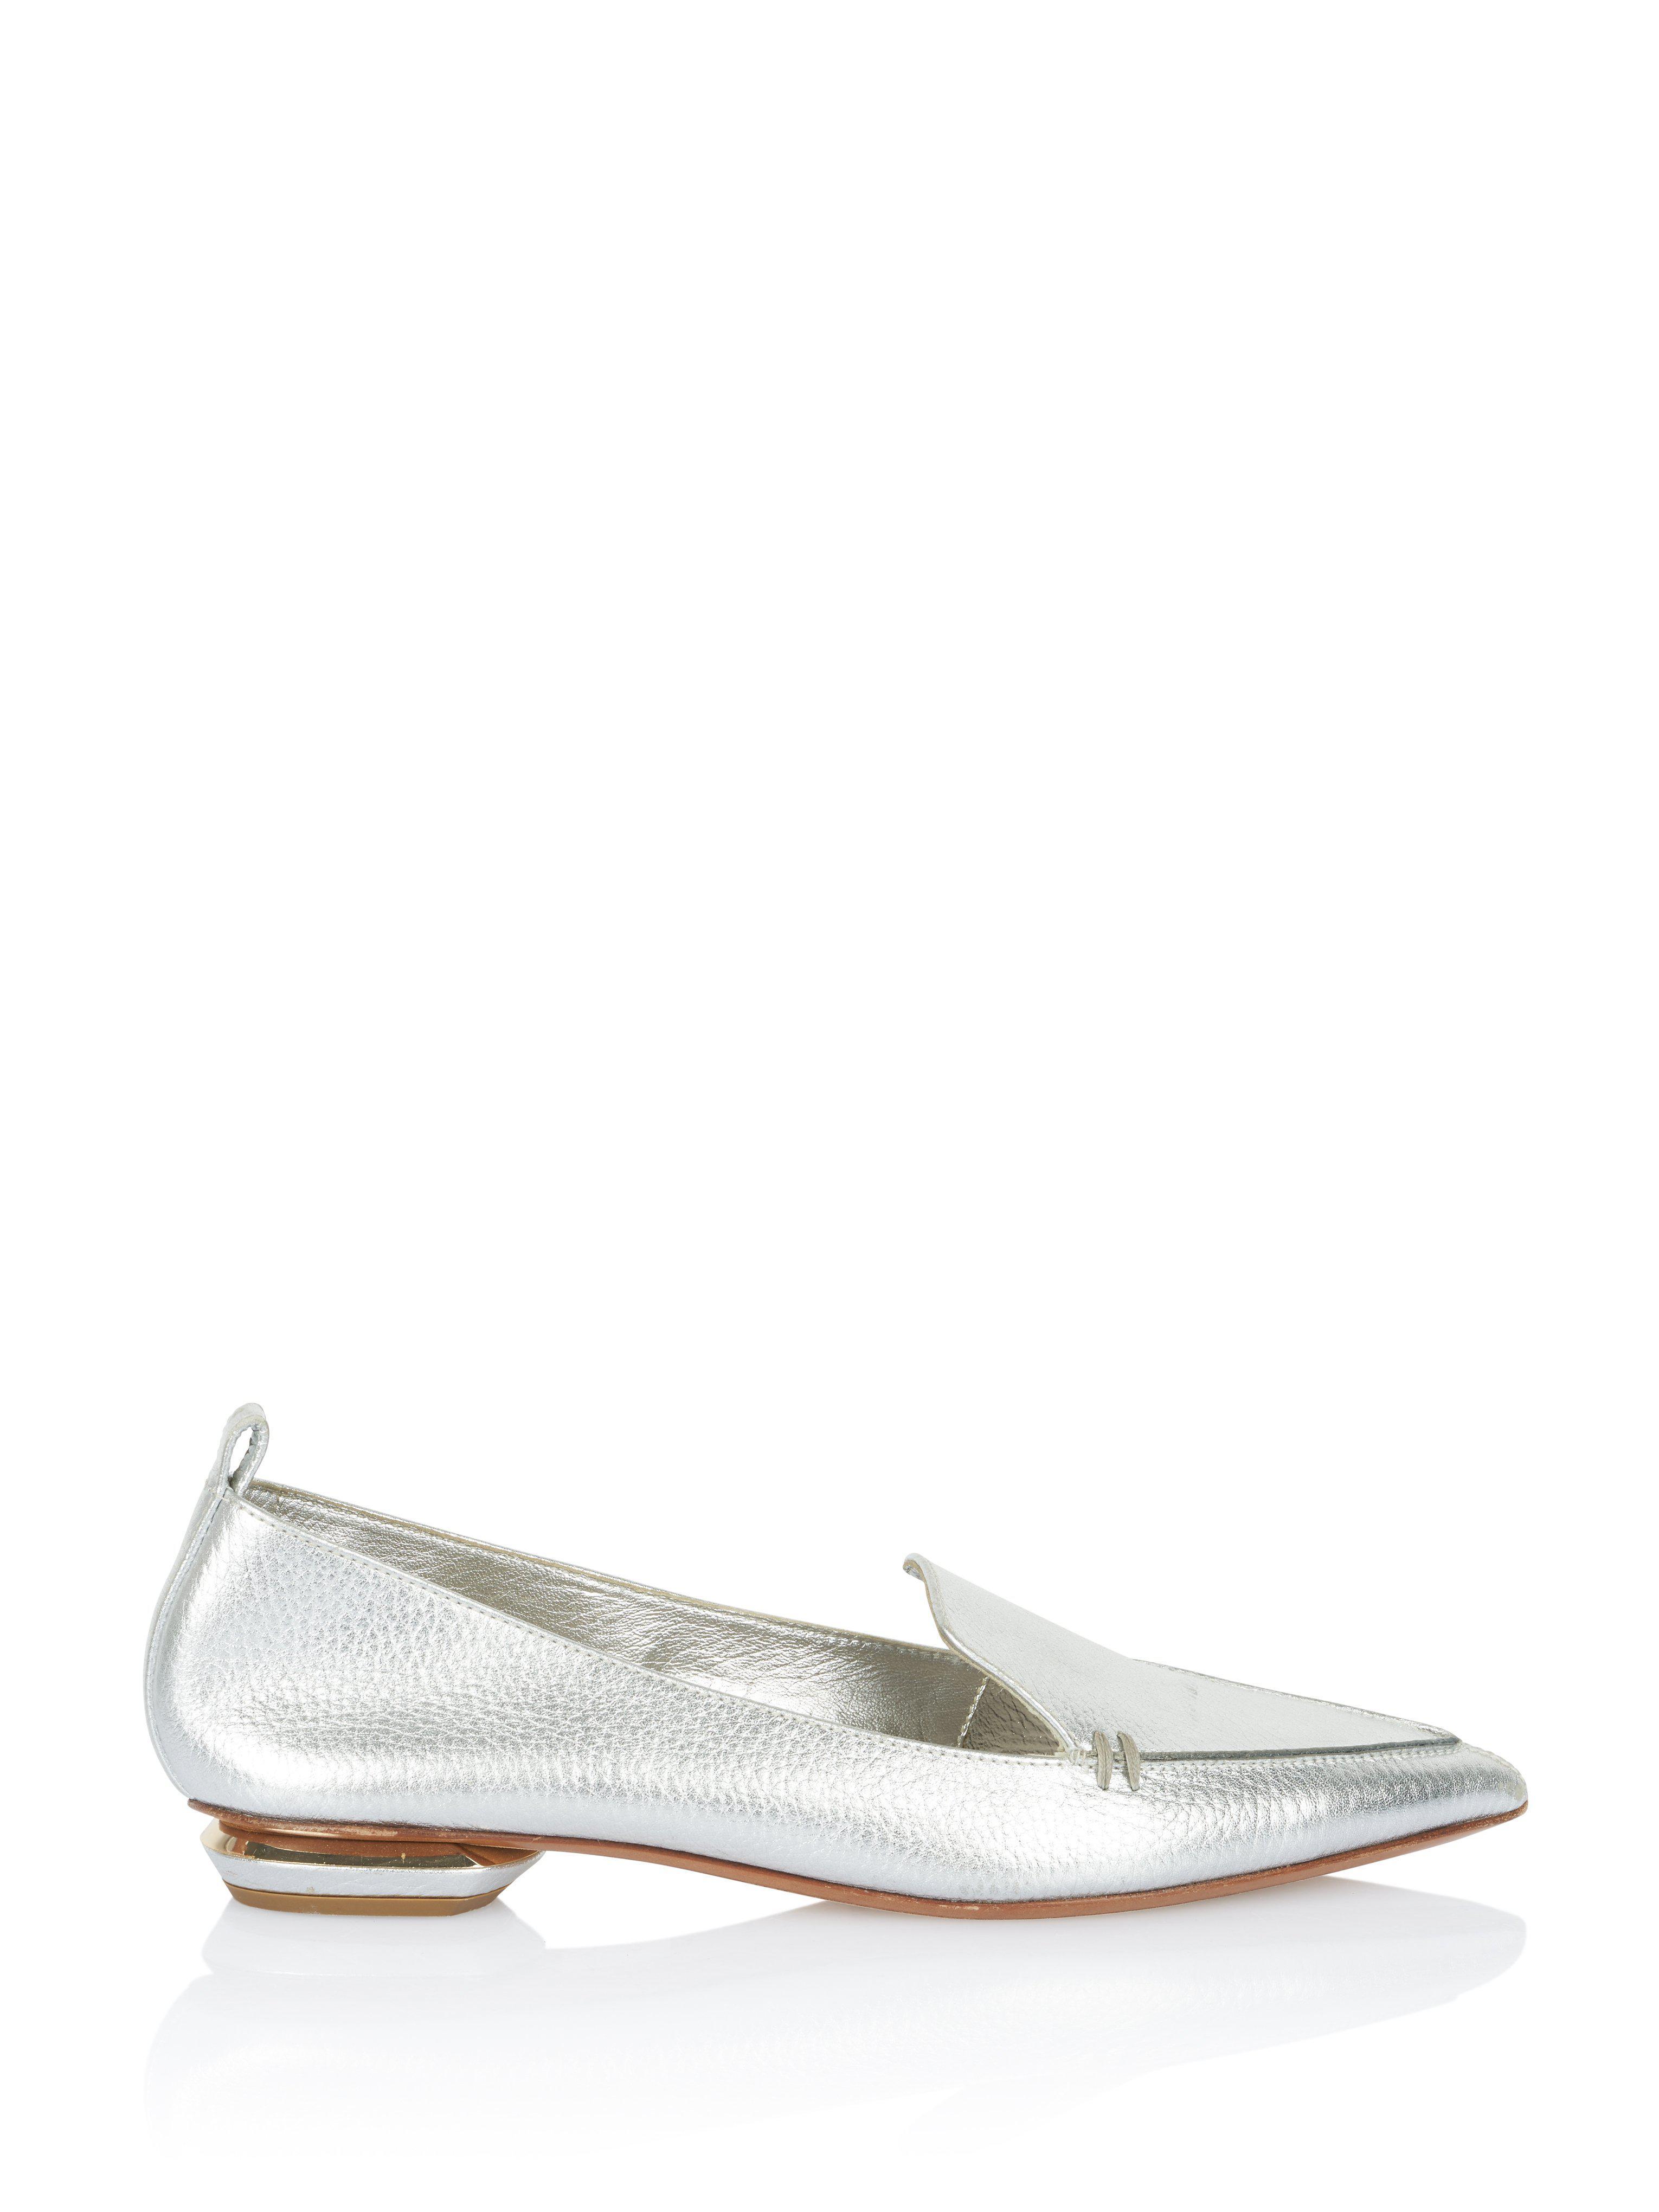 e246052bb3d Lyst - Nicholas Kirkwood Beya Loafer In Silver Leather in Metallic